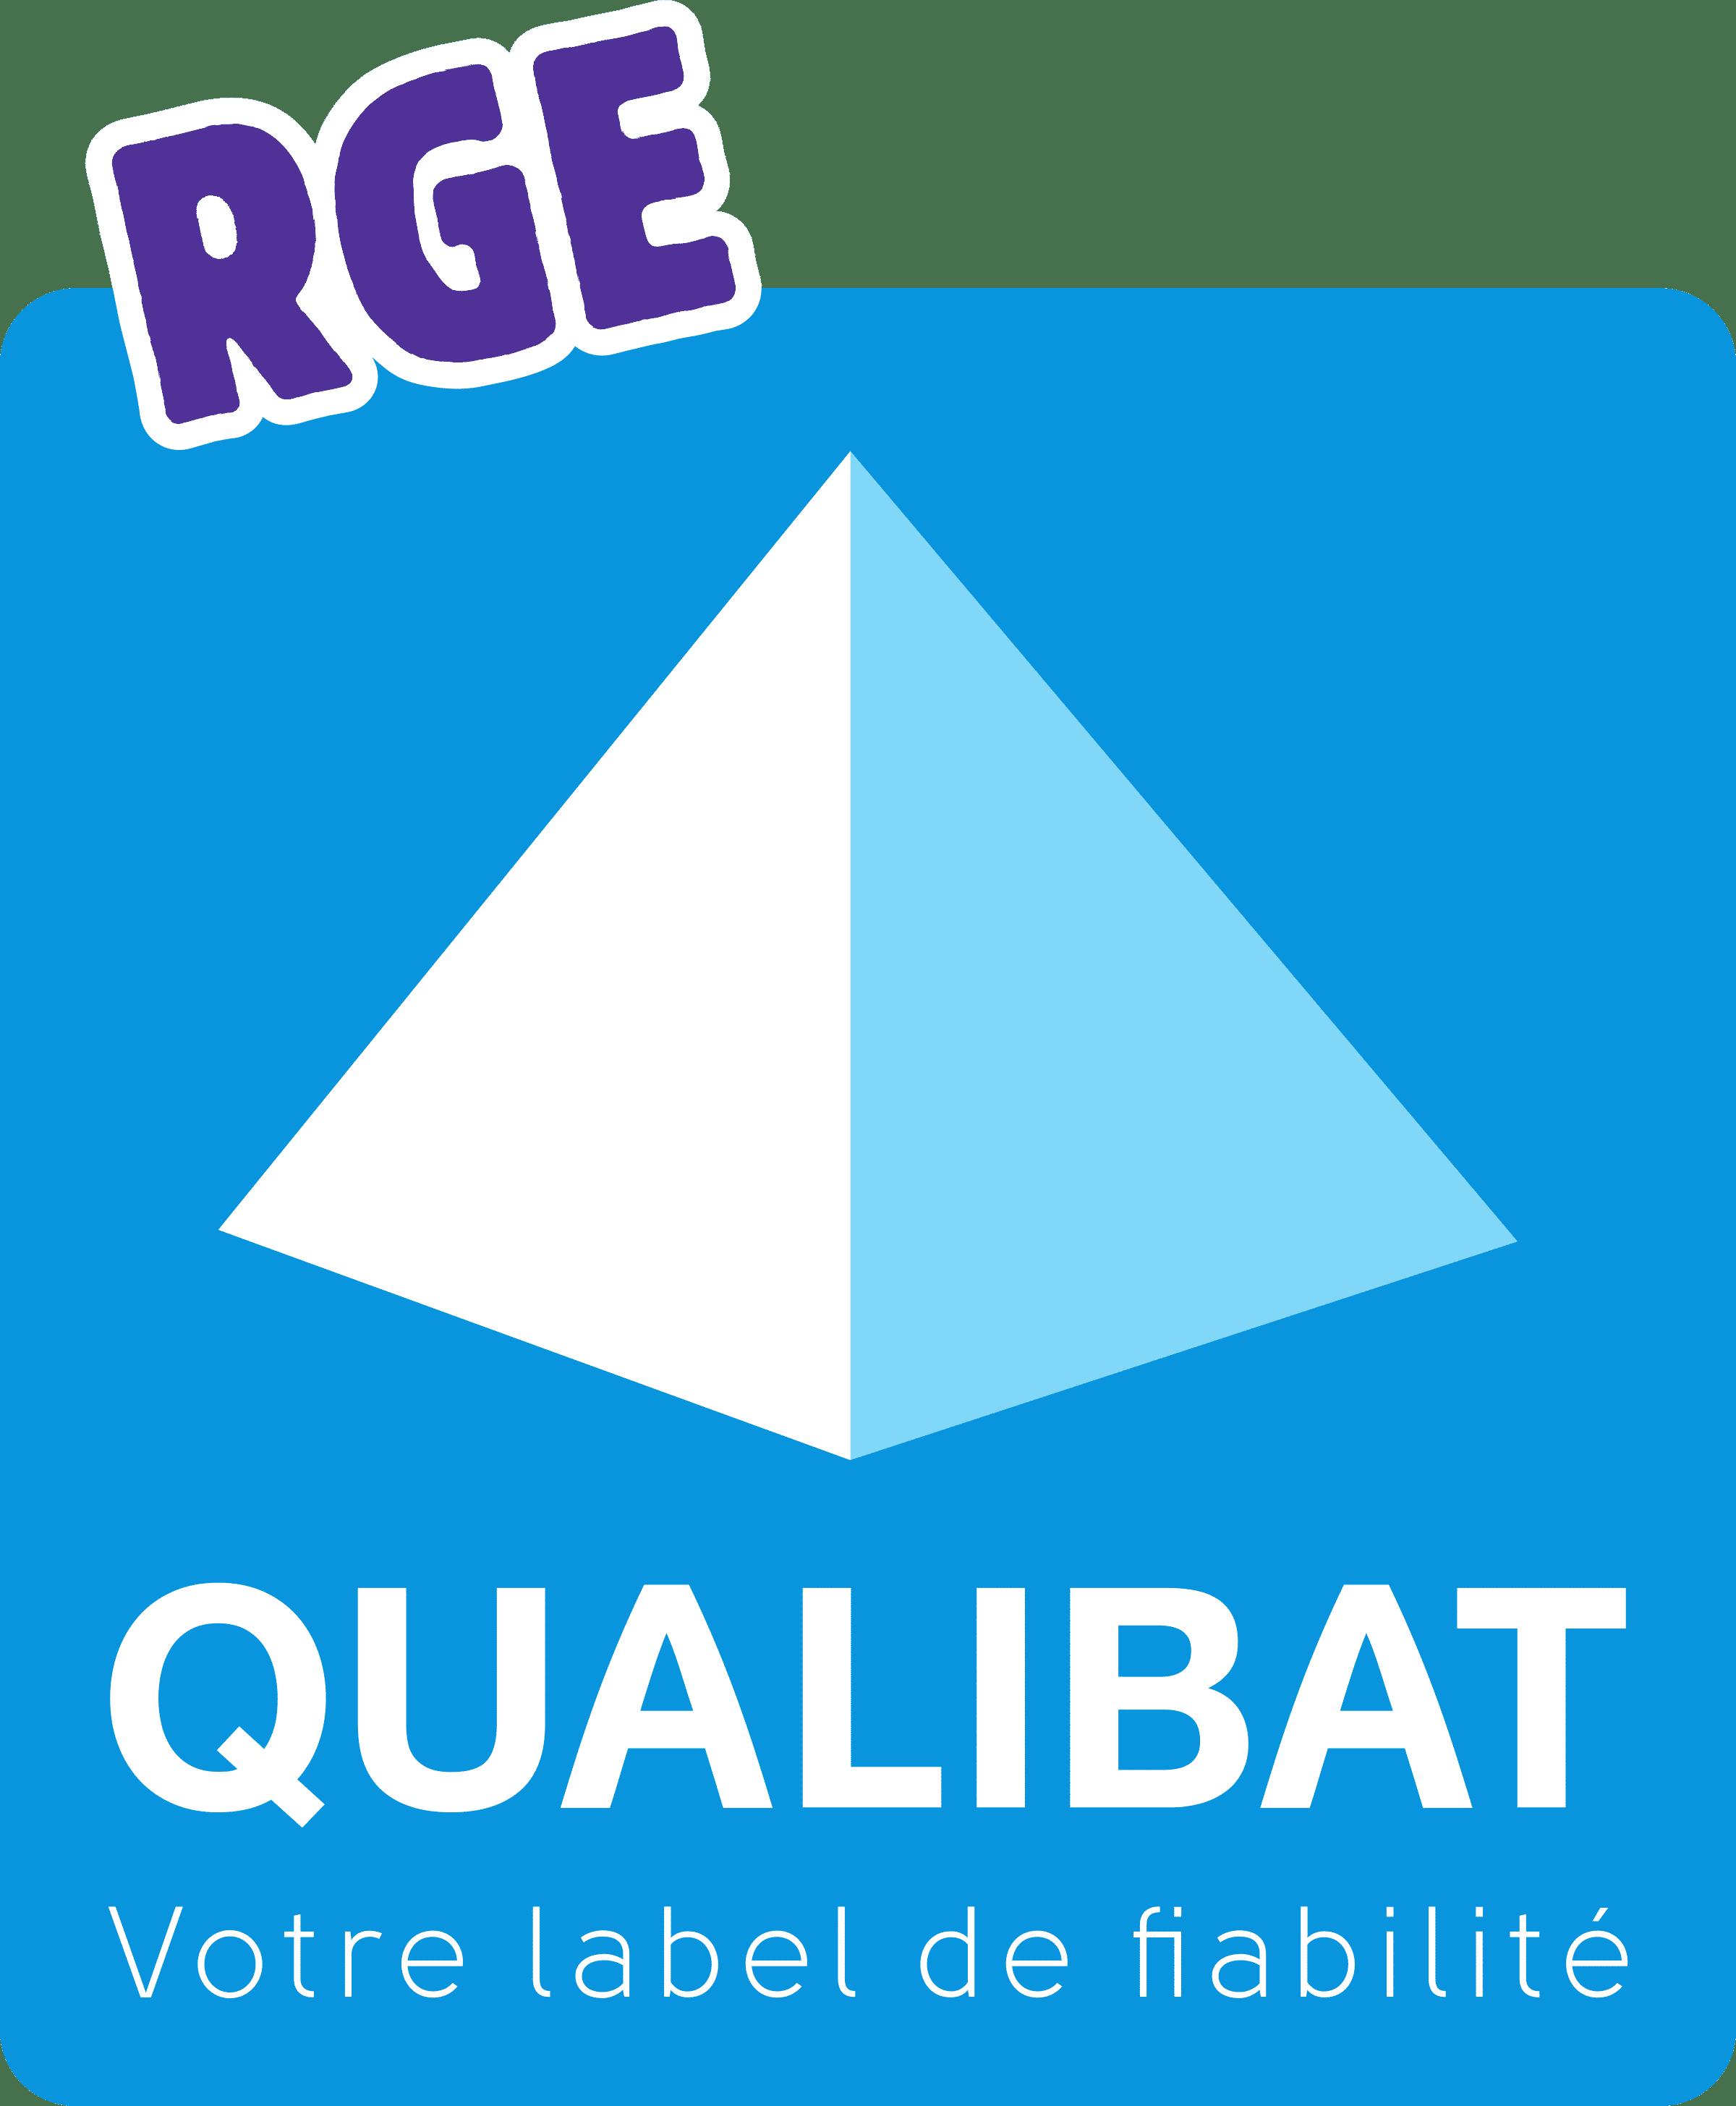 rge - Accueil